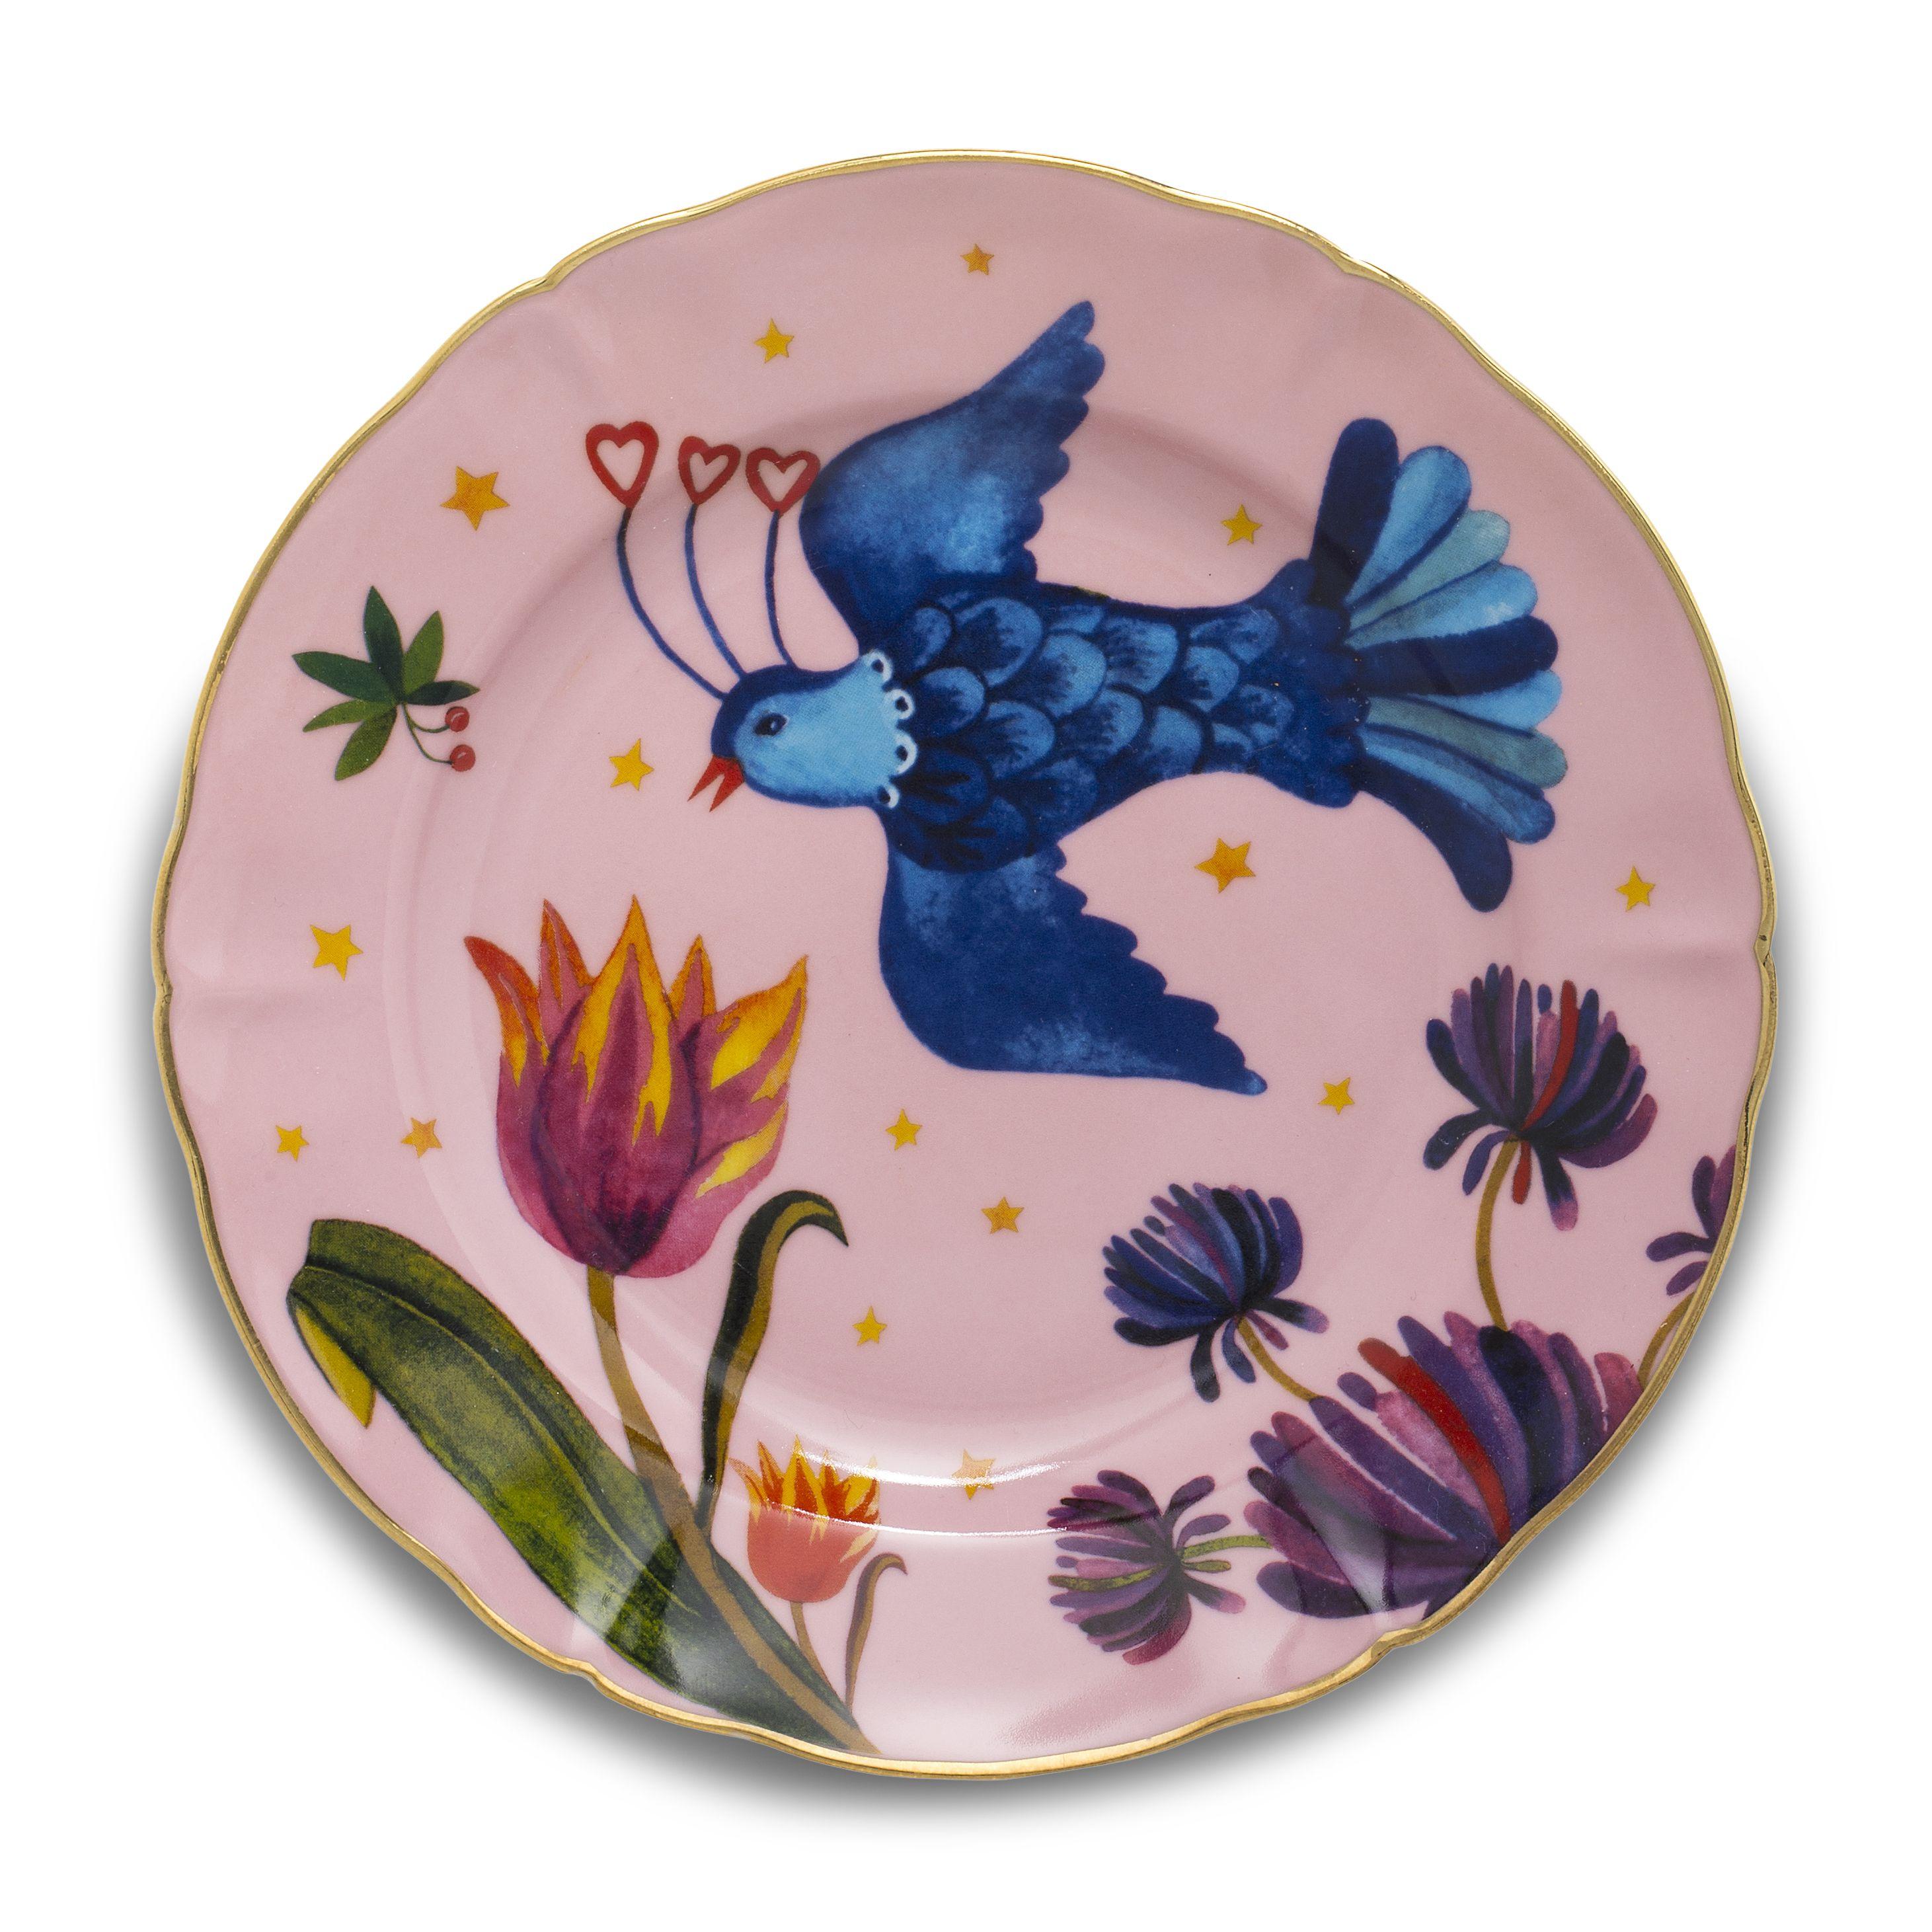 Come Appendere Piatti In Ceramica piatto frutta - uccellino | piatti di frutta, uccellini